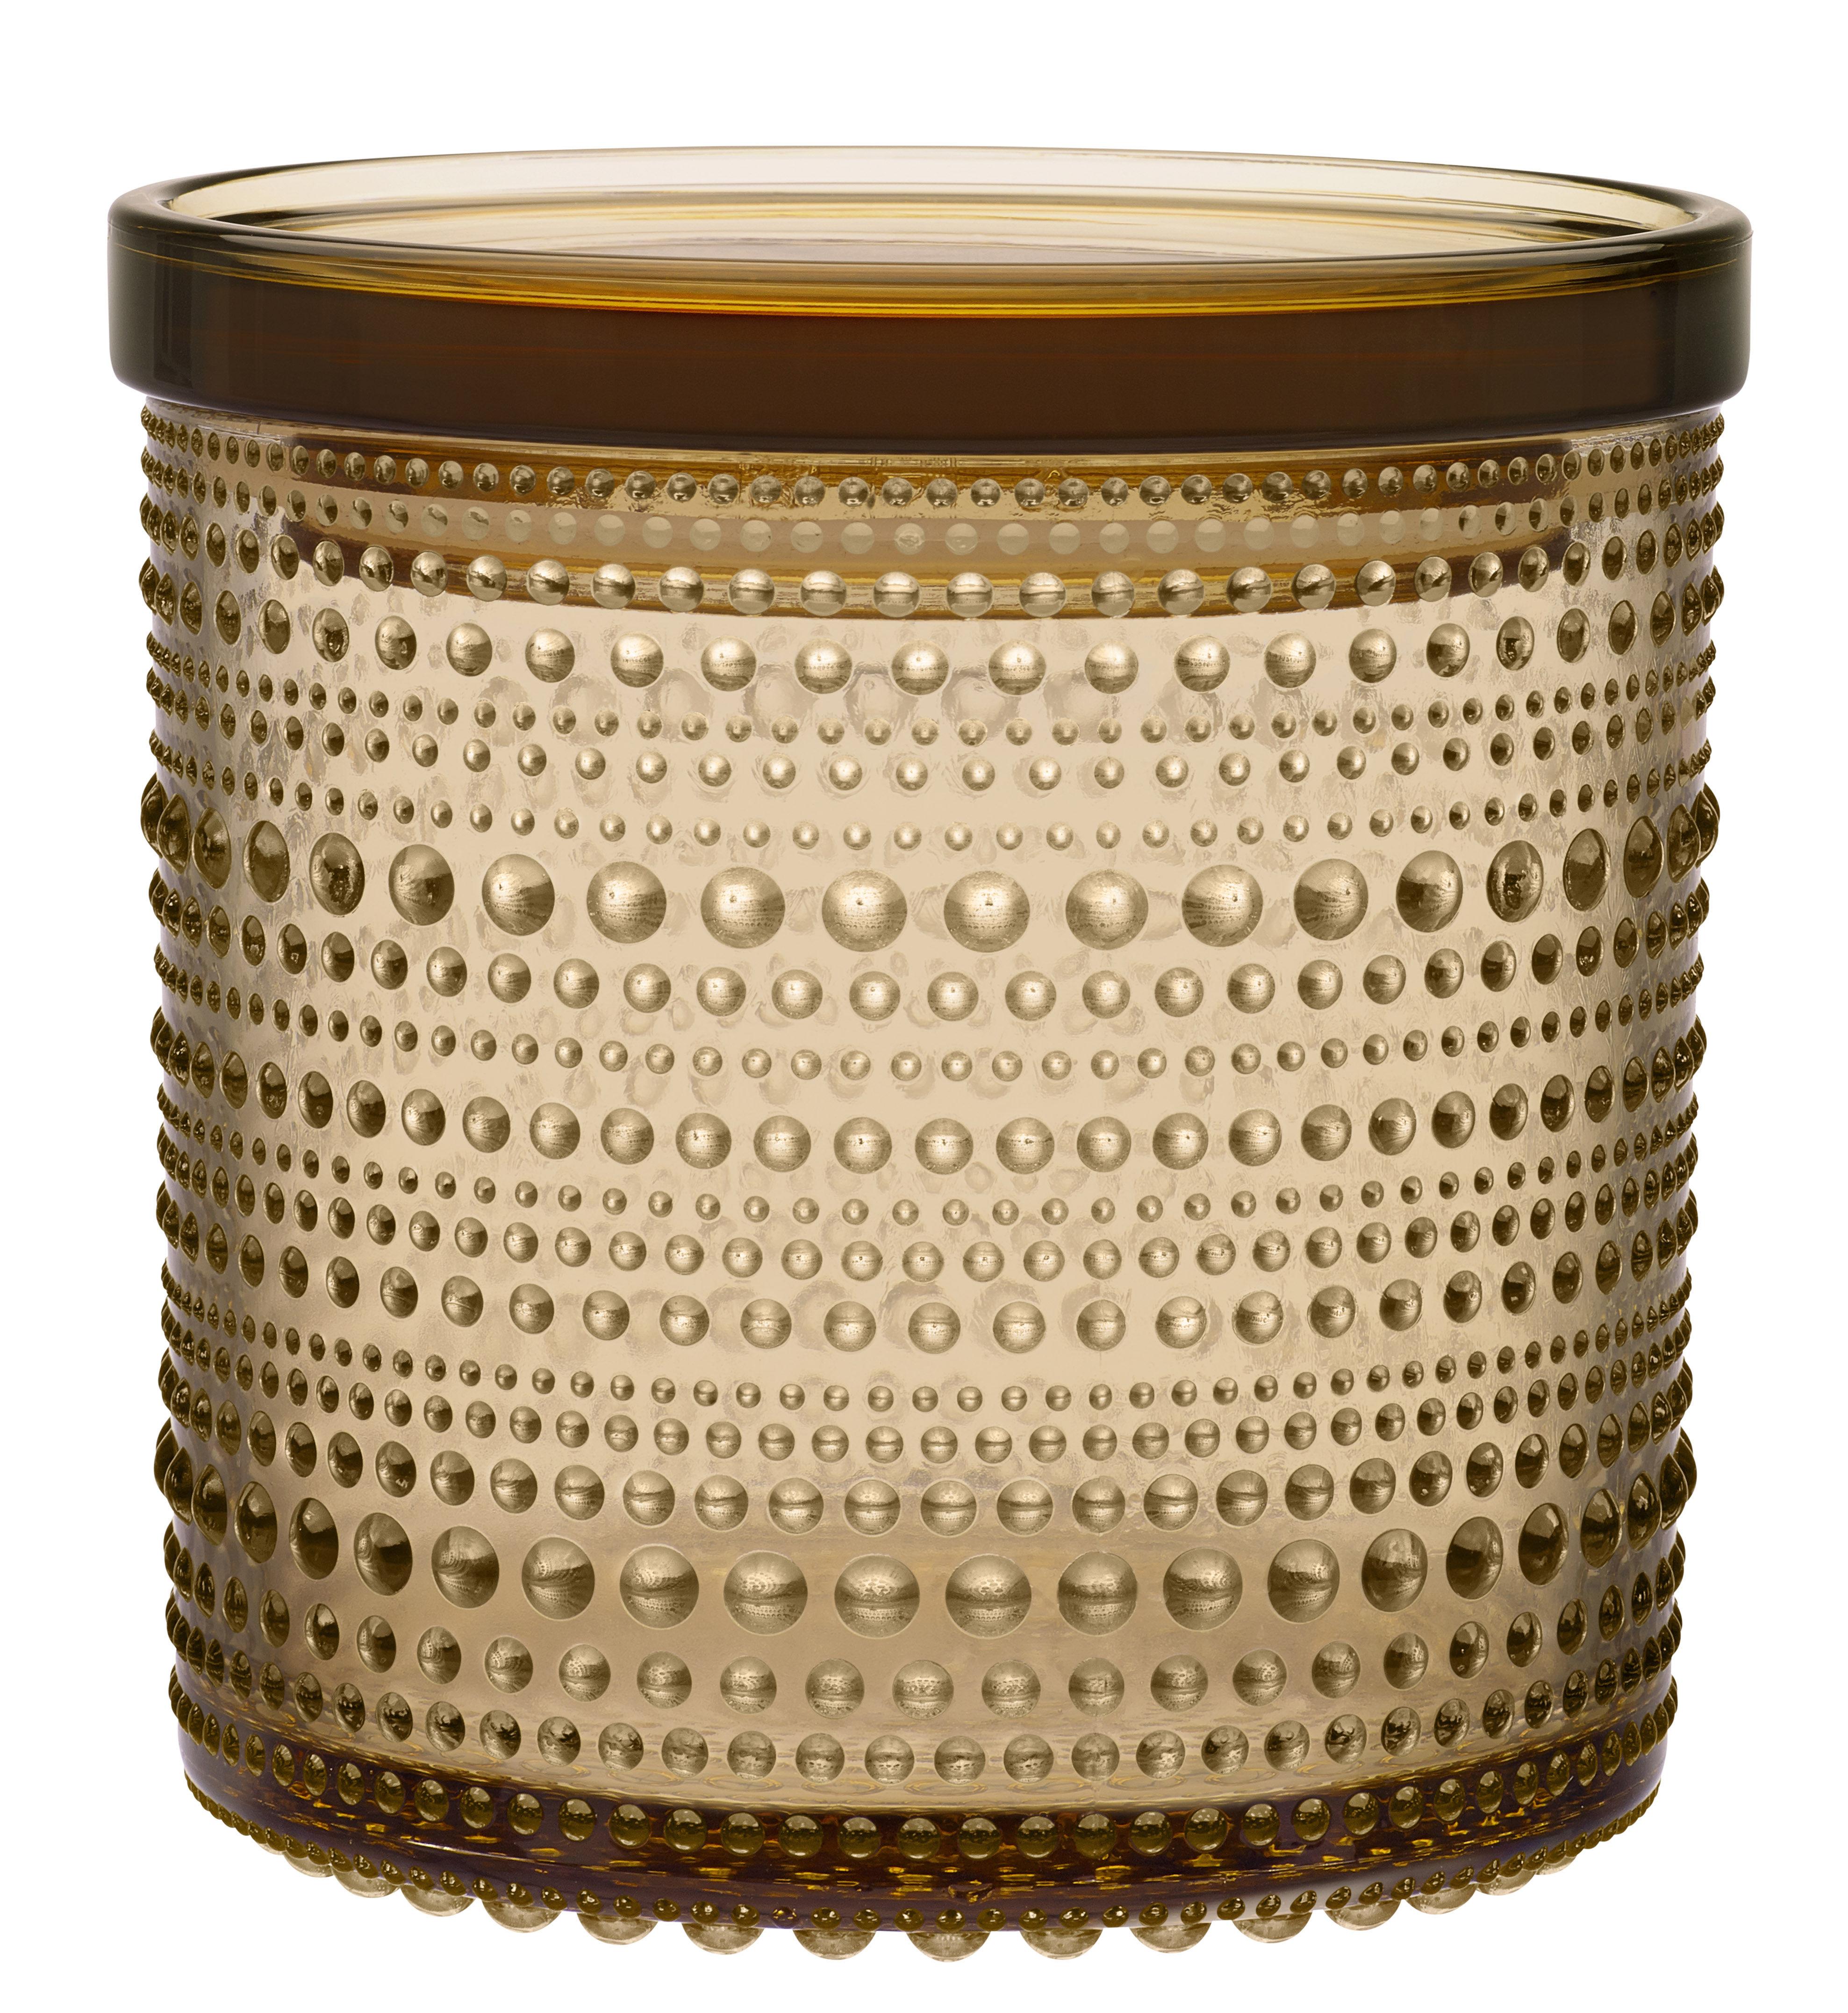 Cuisine - Boîtes, pots et bocaux - Boîte Kastehelmi / Ø 11,6 cm - Iittala - Désert - Plastique, Verre